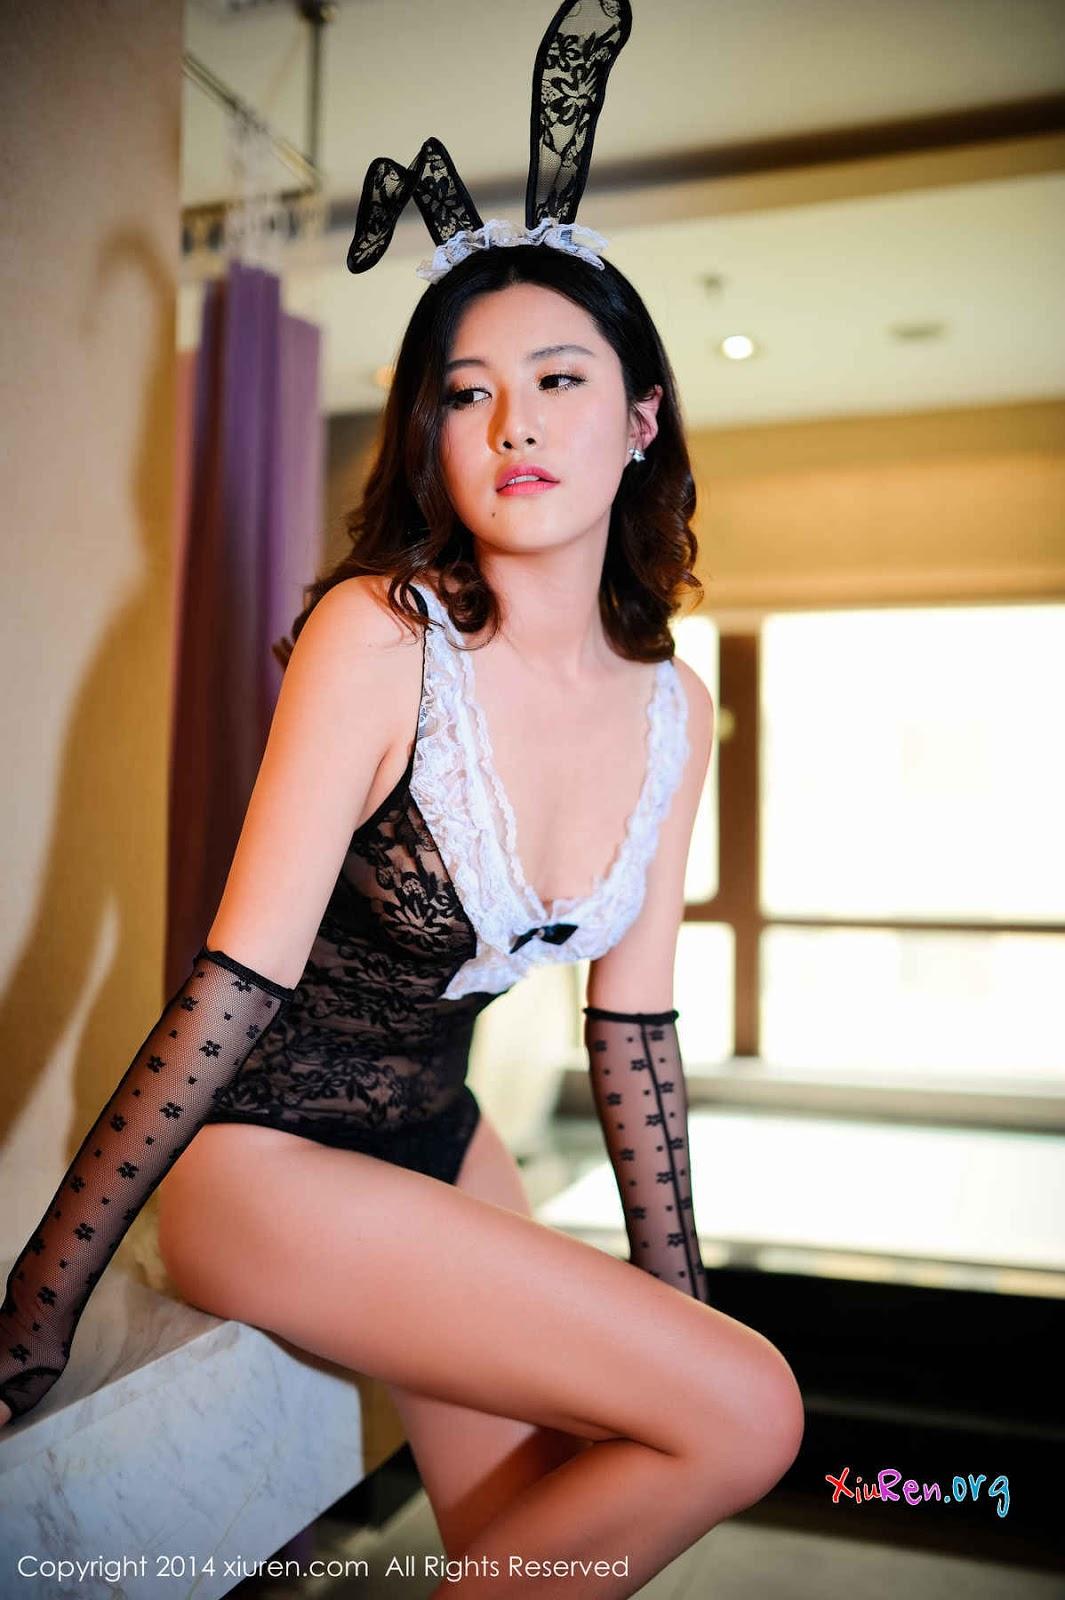 Ảnh gái đẹp HD Tỉnh mộng với thân hình quyến rủ 1